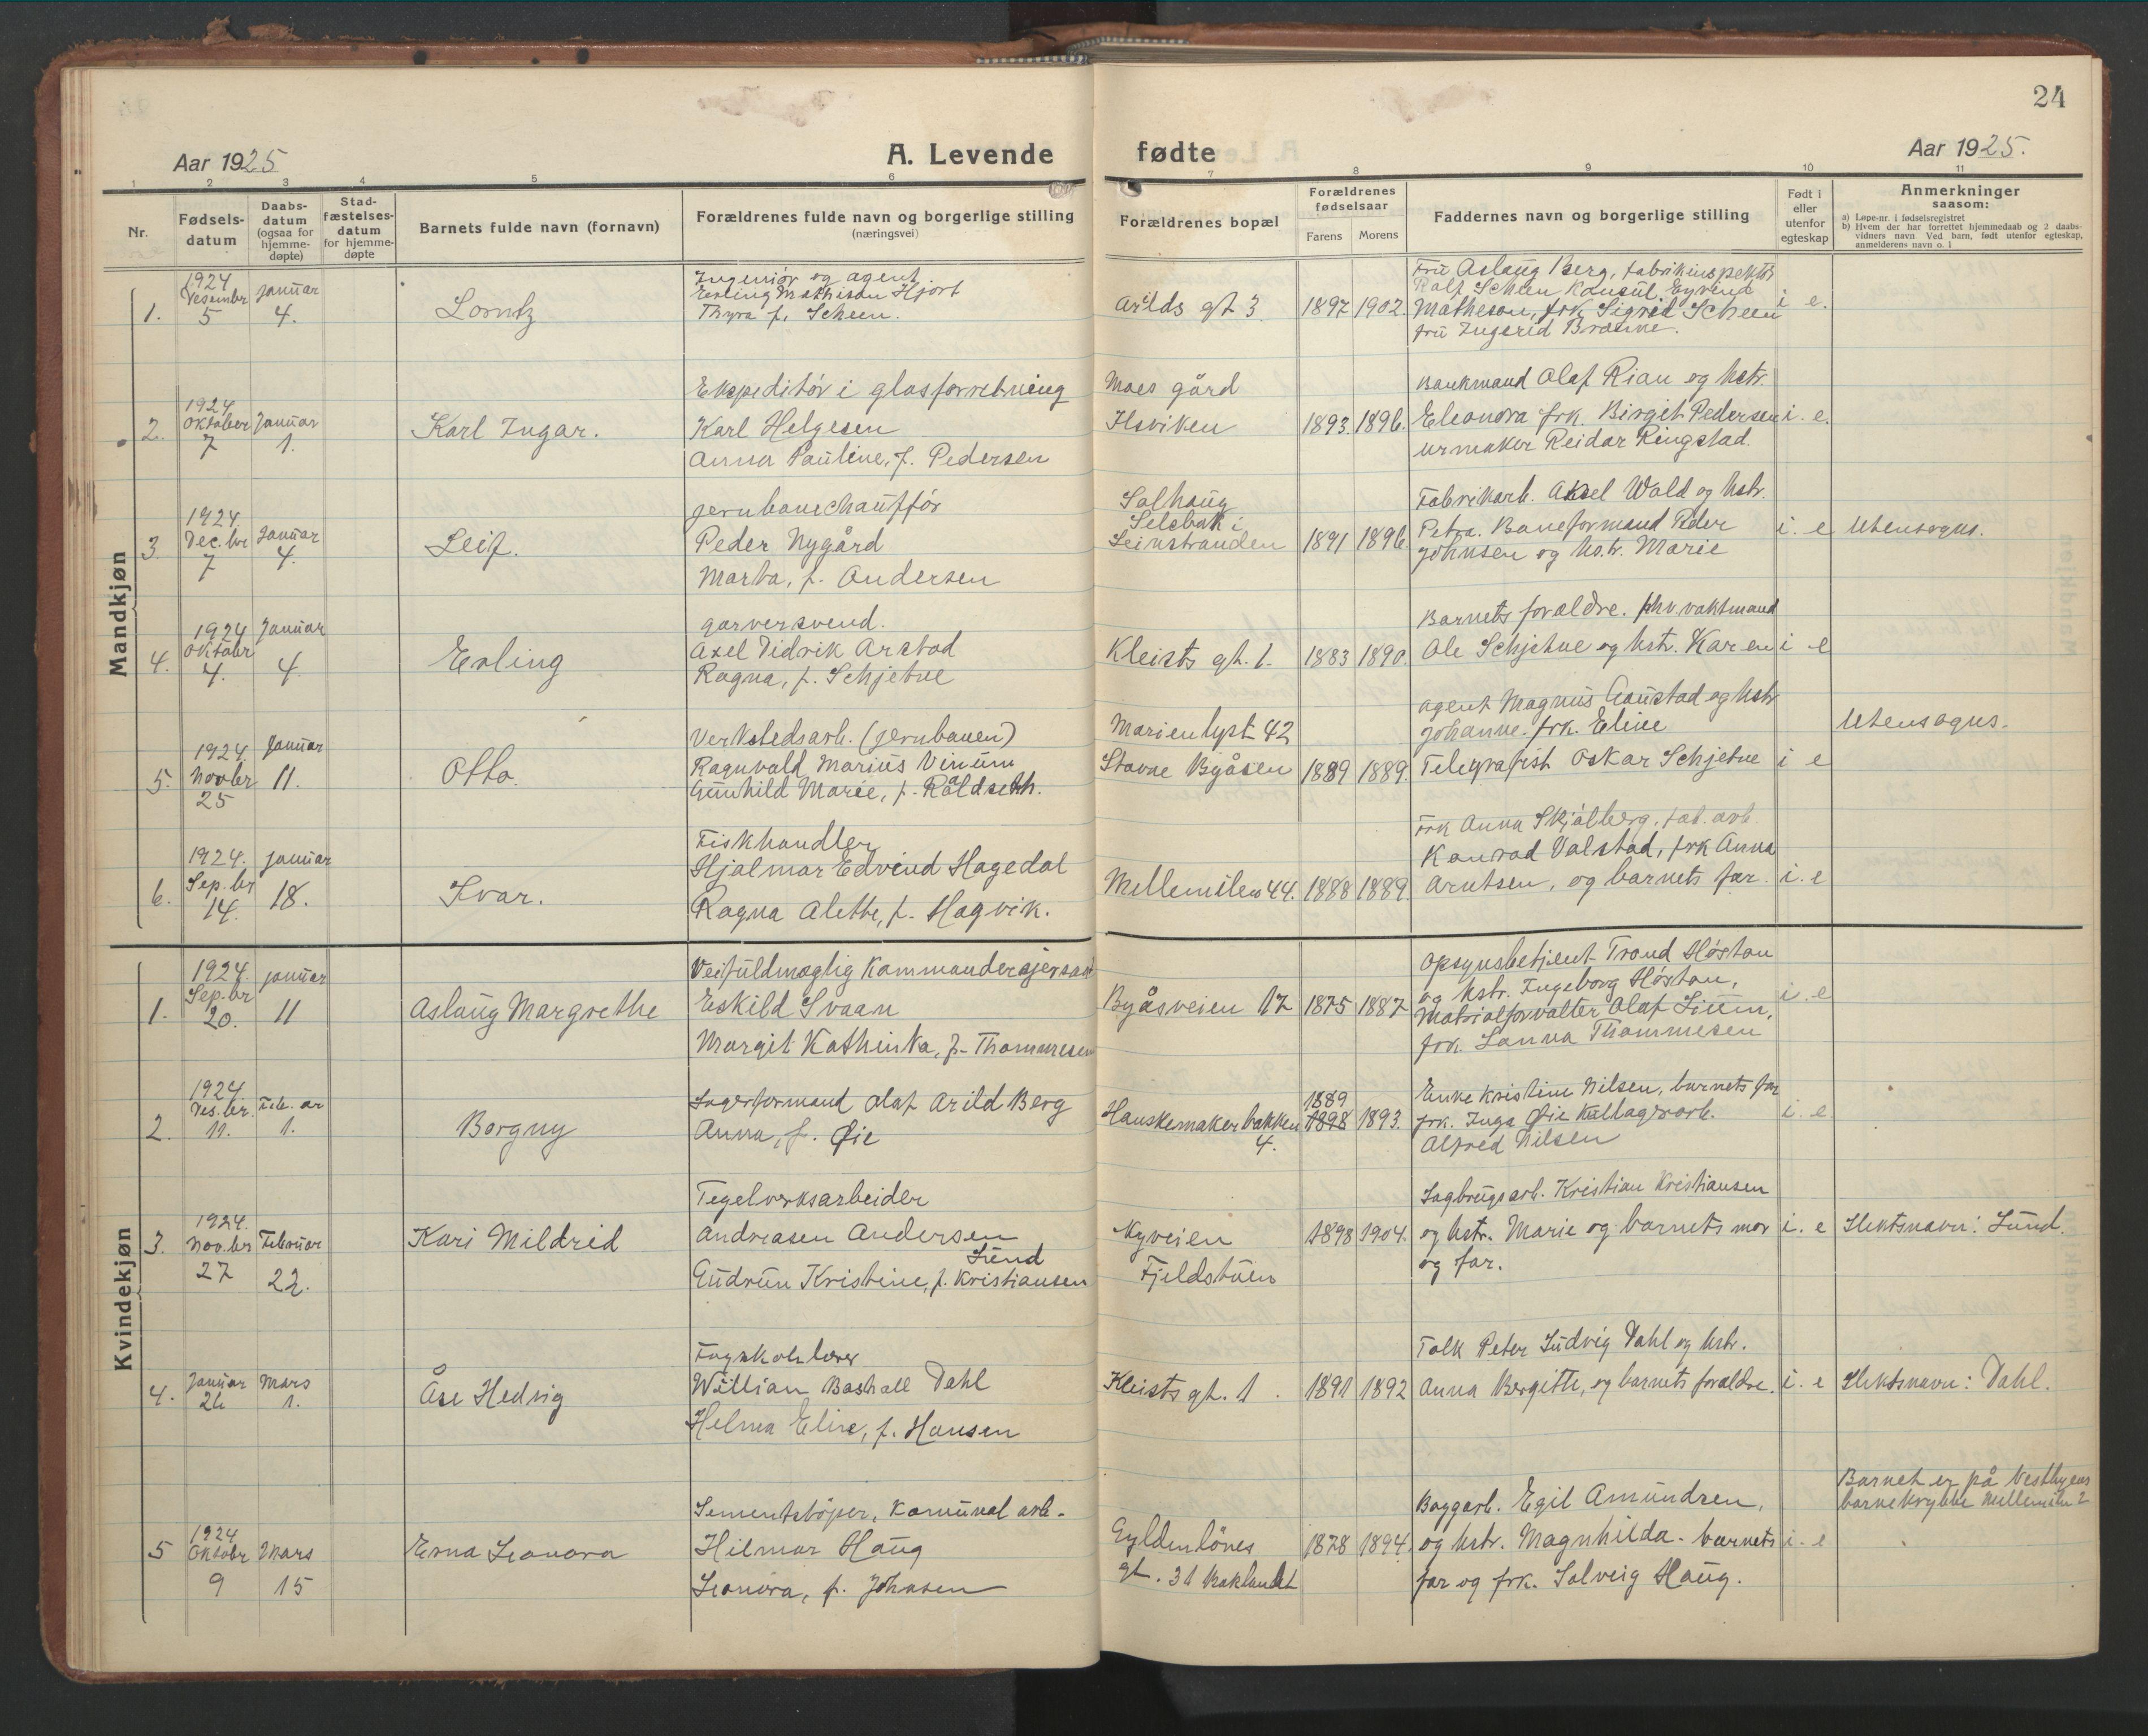 SAT, Ministerialprotokoller, klokkerbøker og fødselsregistre - Sør-Trøndelag, 603/L0174: Klokkerbok nr. 603C02, 1923-1951, s. 24